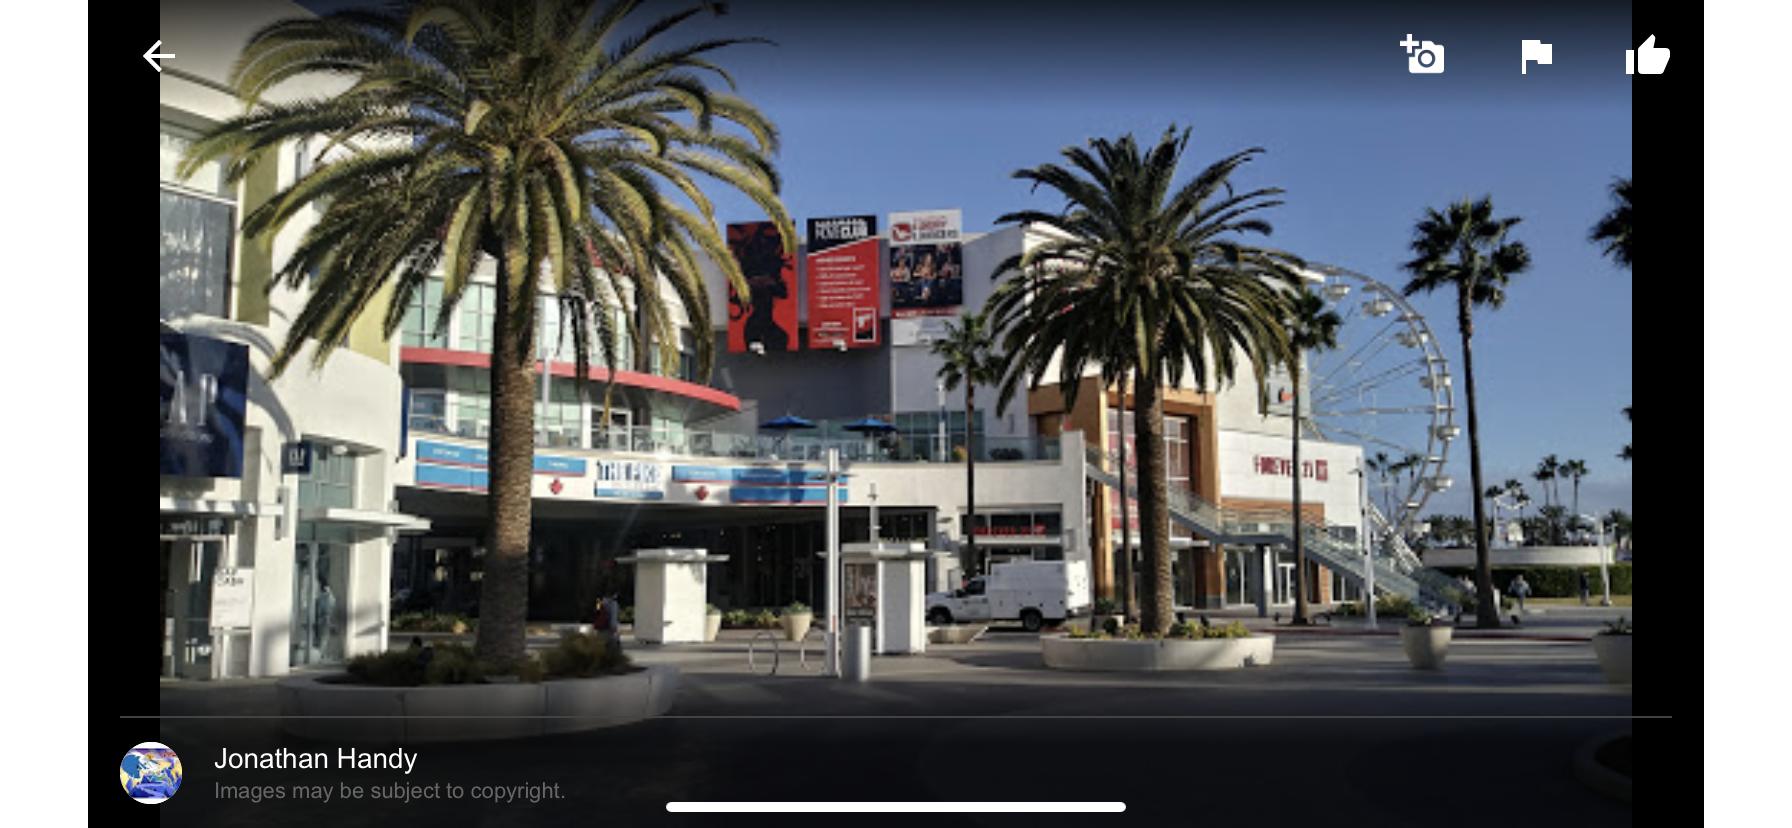 パイクアウトレット | ロングビーチ在住Eriさんのおすすめショッピング・買物スポット